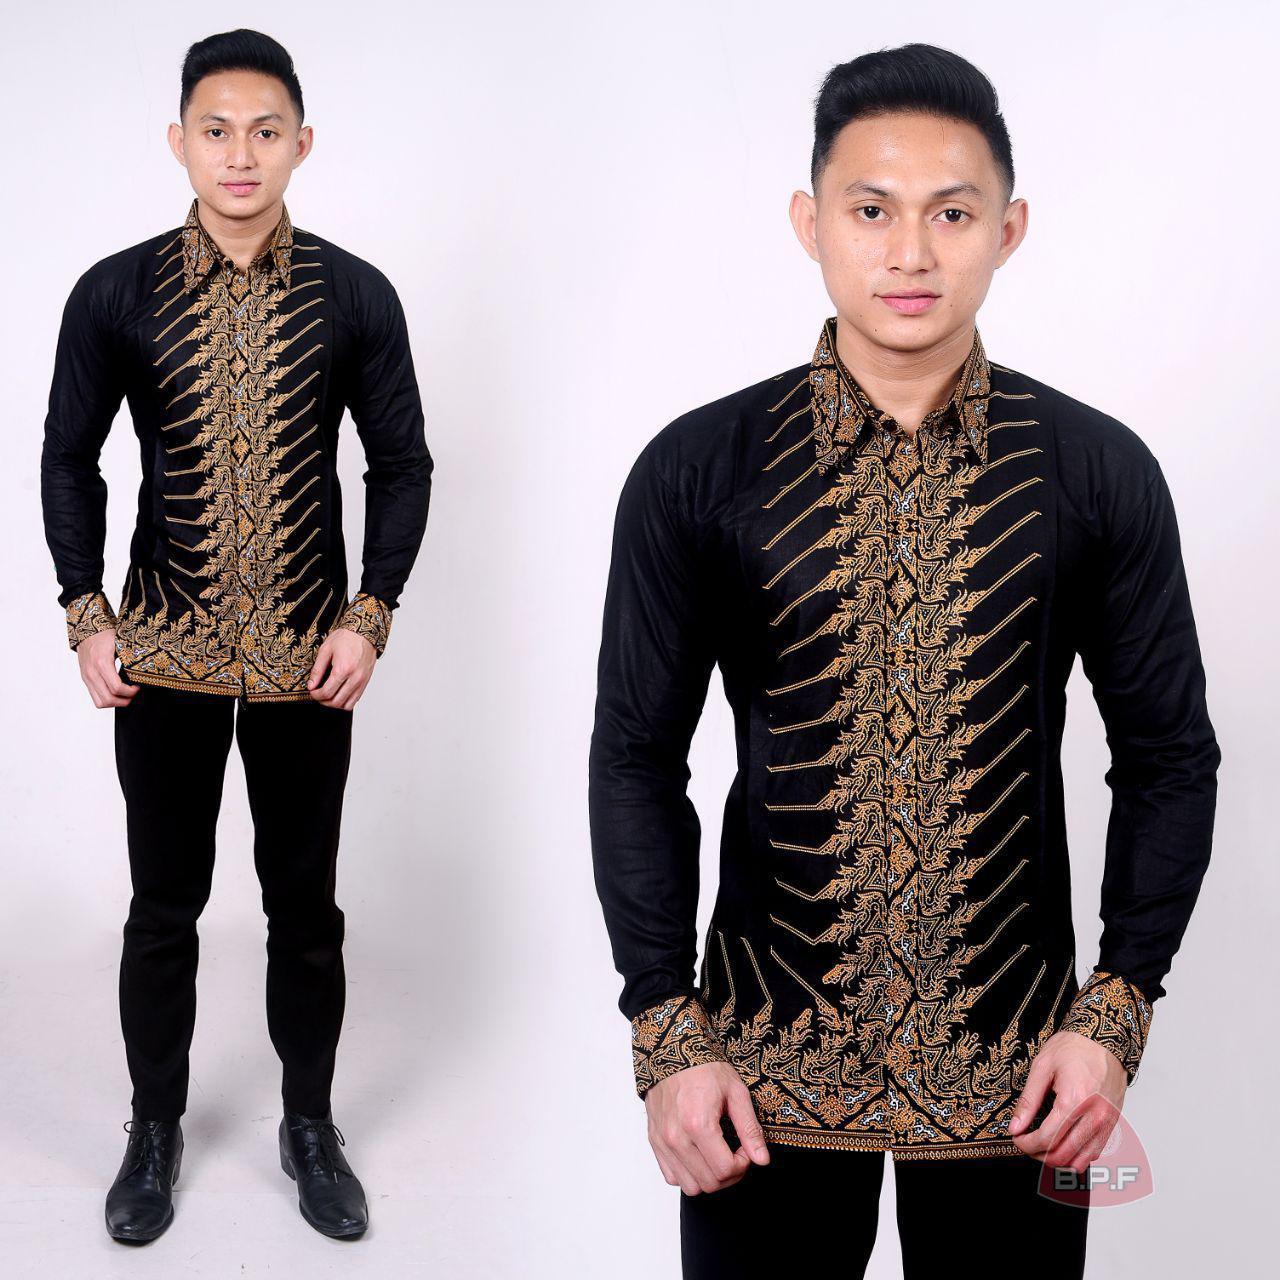 Kemeja Batik Lengan Panjang Asepmodel Baju Pria Batik Terbaru 2019batik Pria Batik Lengan Panjang Batik Baju Batik Baju Batik Pria Batik